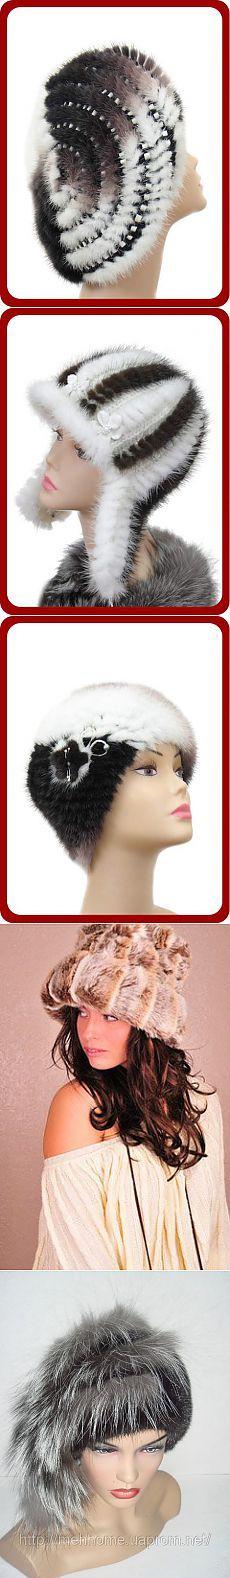 шапки. вязание с мехом. идеи.